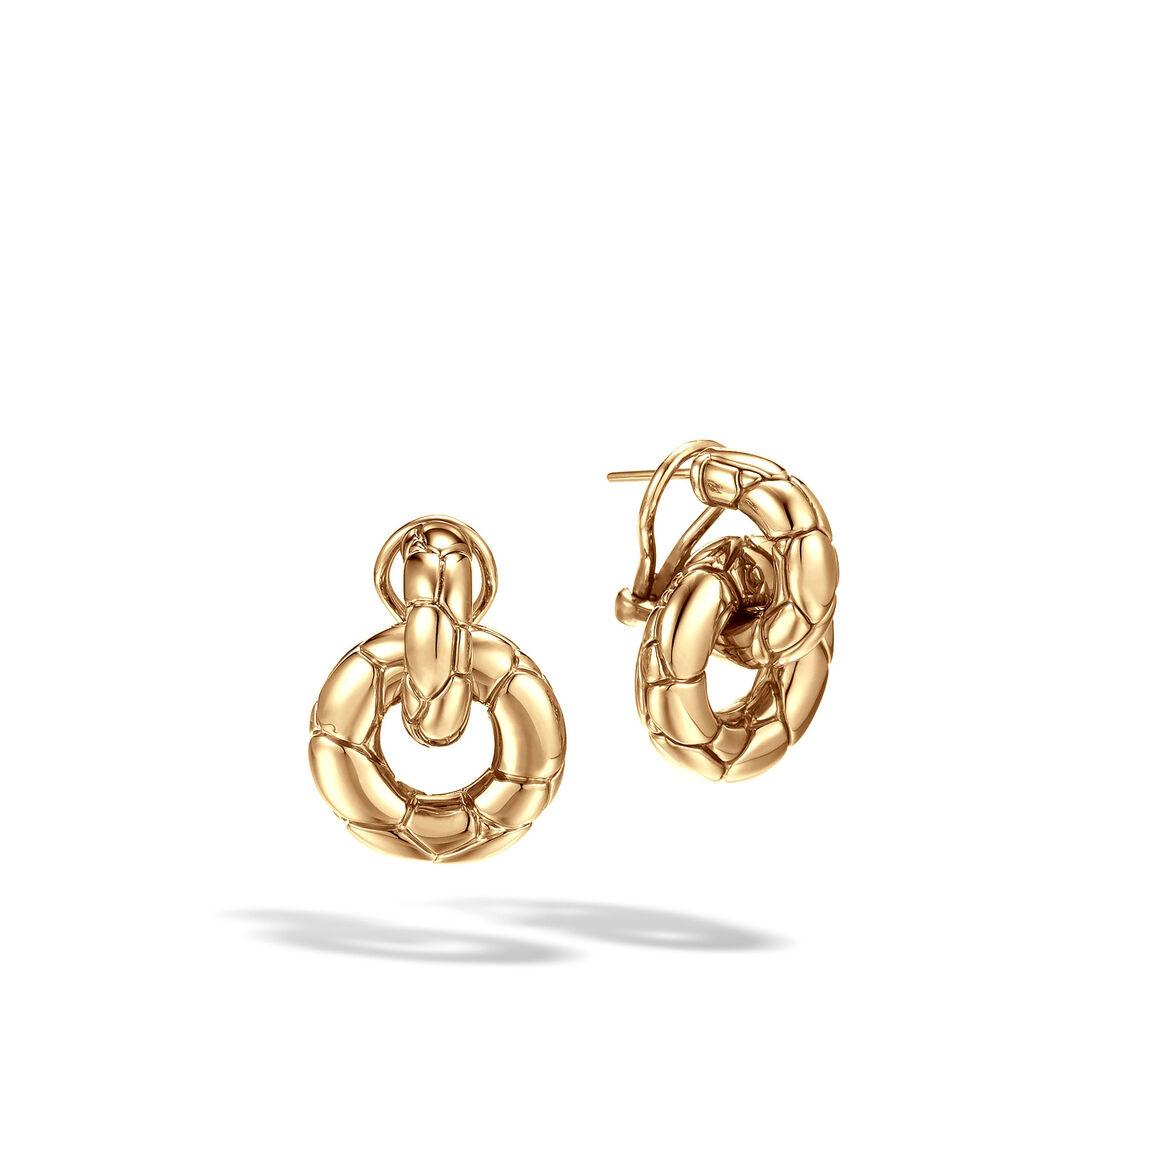 Kali Door Knocker Earring in 18K Gold